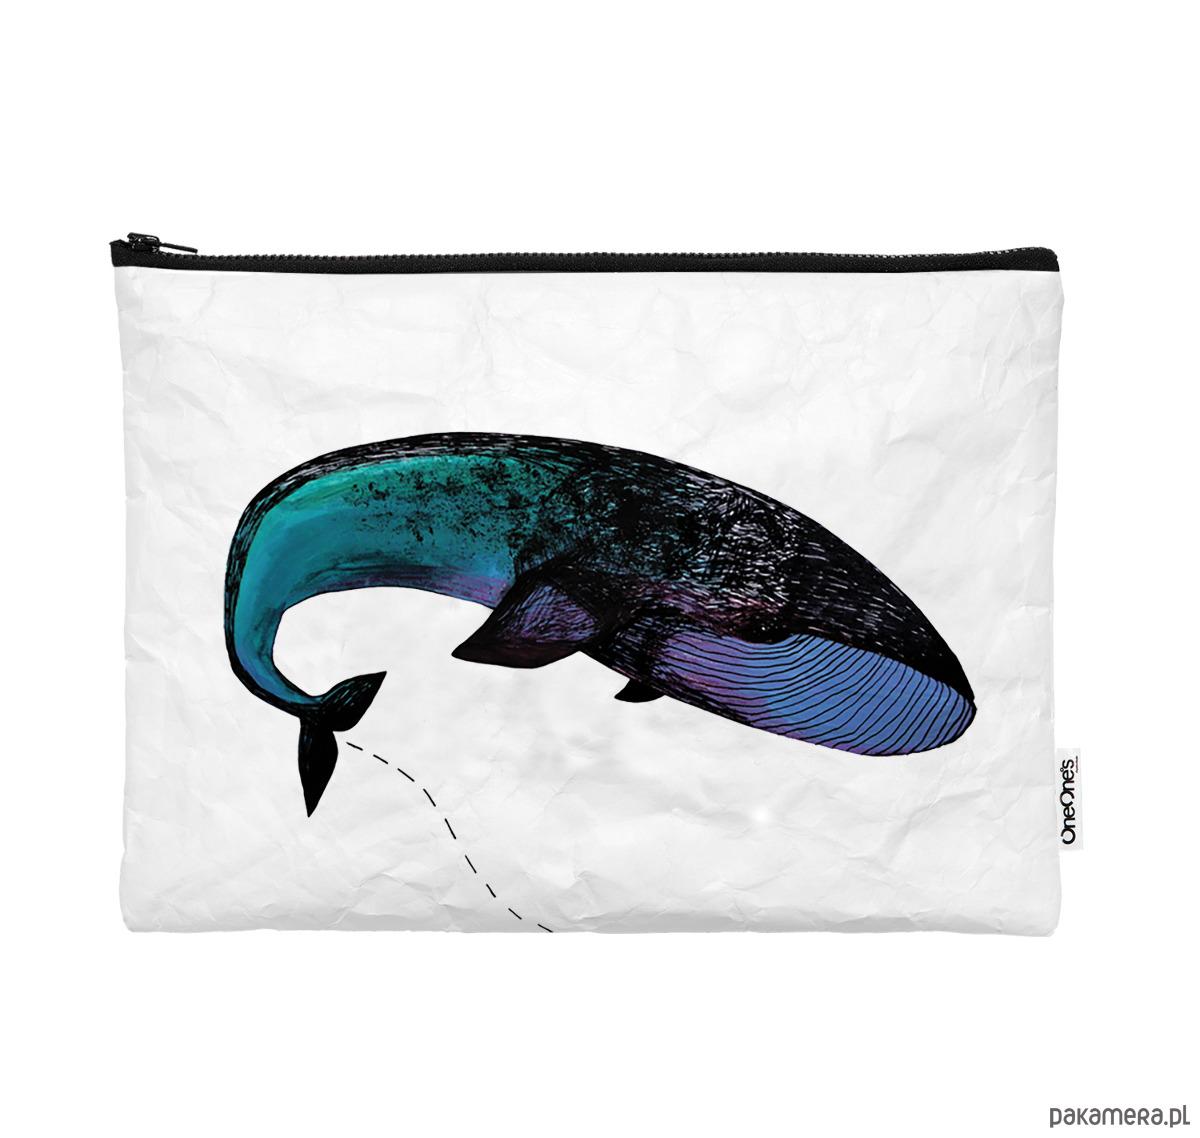 Obraz przedstawiający Pokrowiec z wielorybem na laptop z Tyveku®